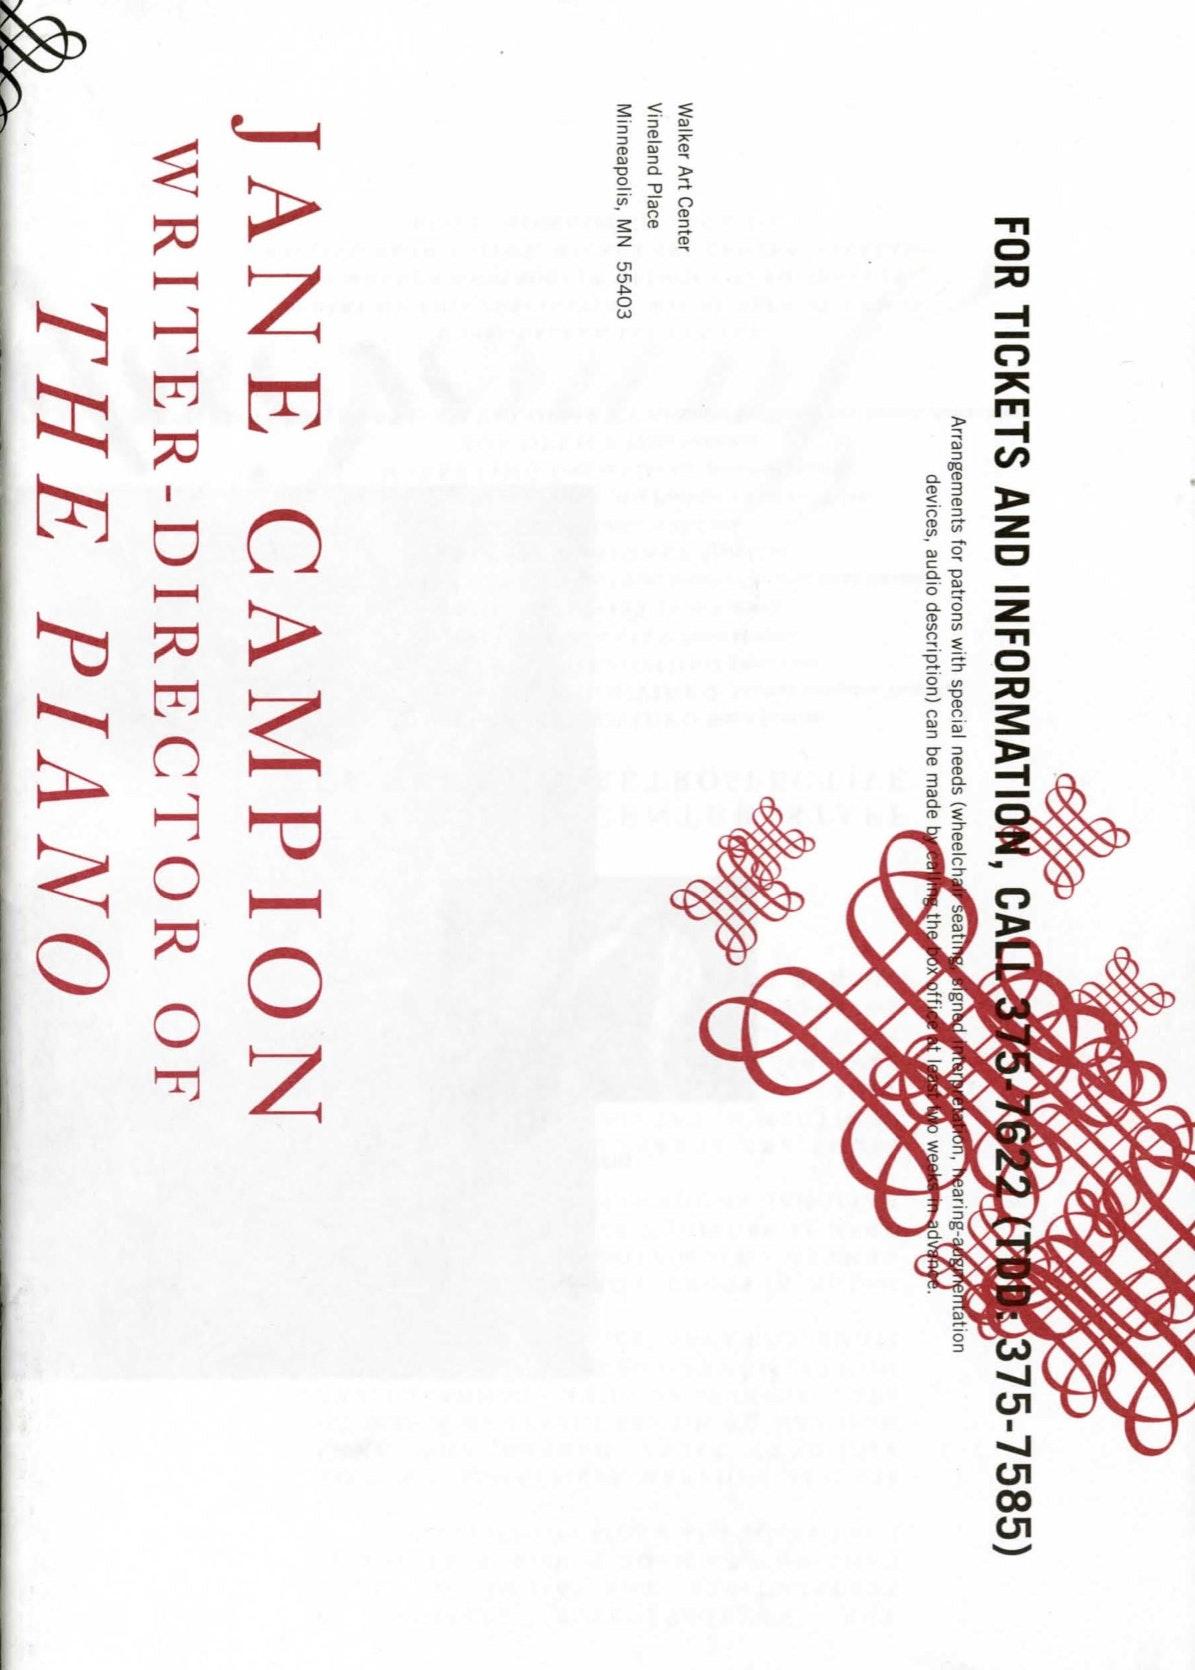 Campion brochure 12